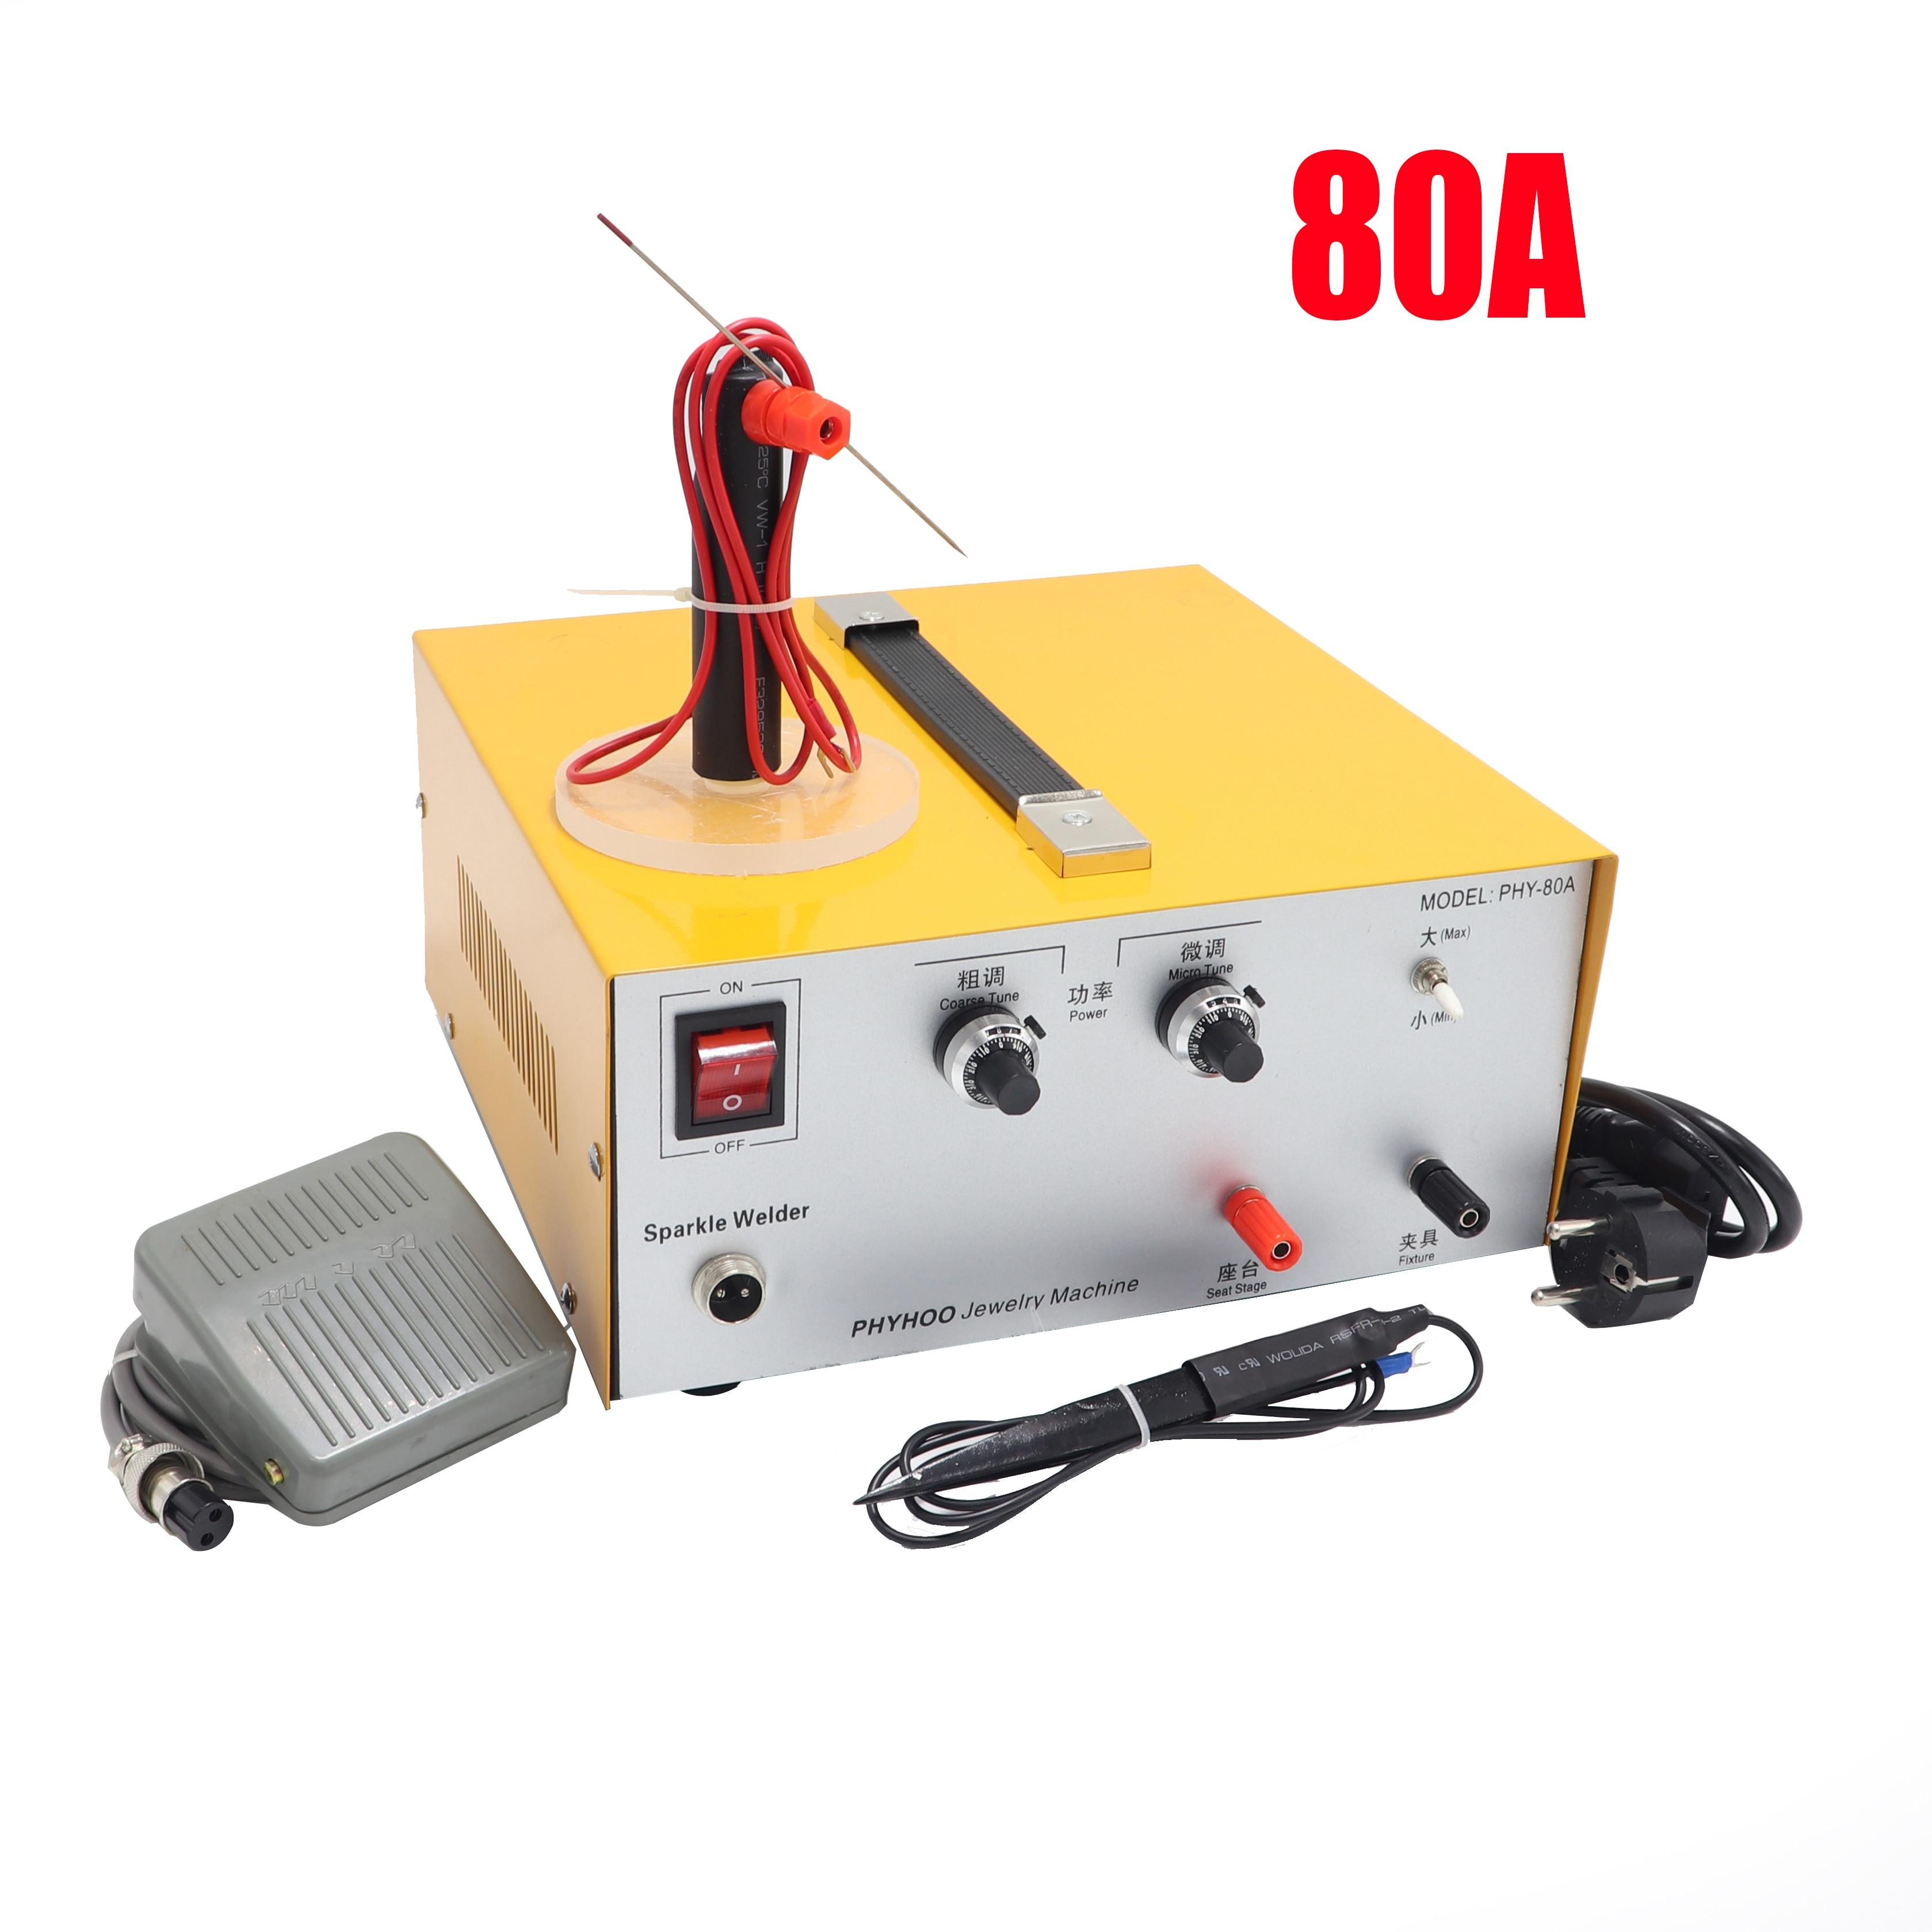 DX80A high-power laser spot welder pulse spot welding touch welder welding machine with jewelry equipmentDX80A high-power laser spot welder pulse spot welding touch welder welding machine with jewelry equipment